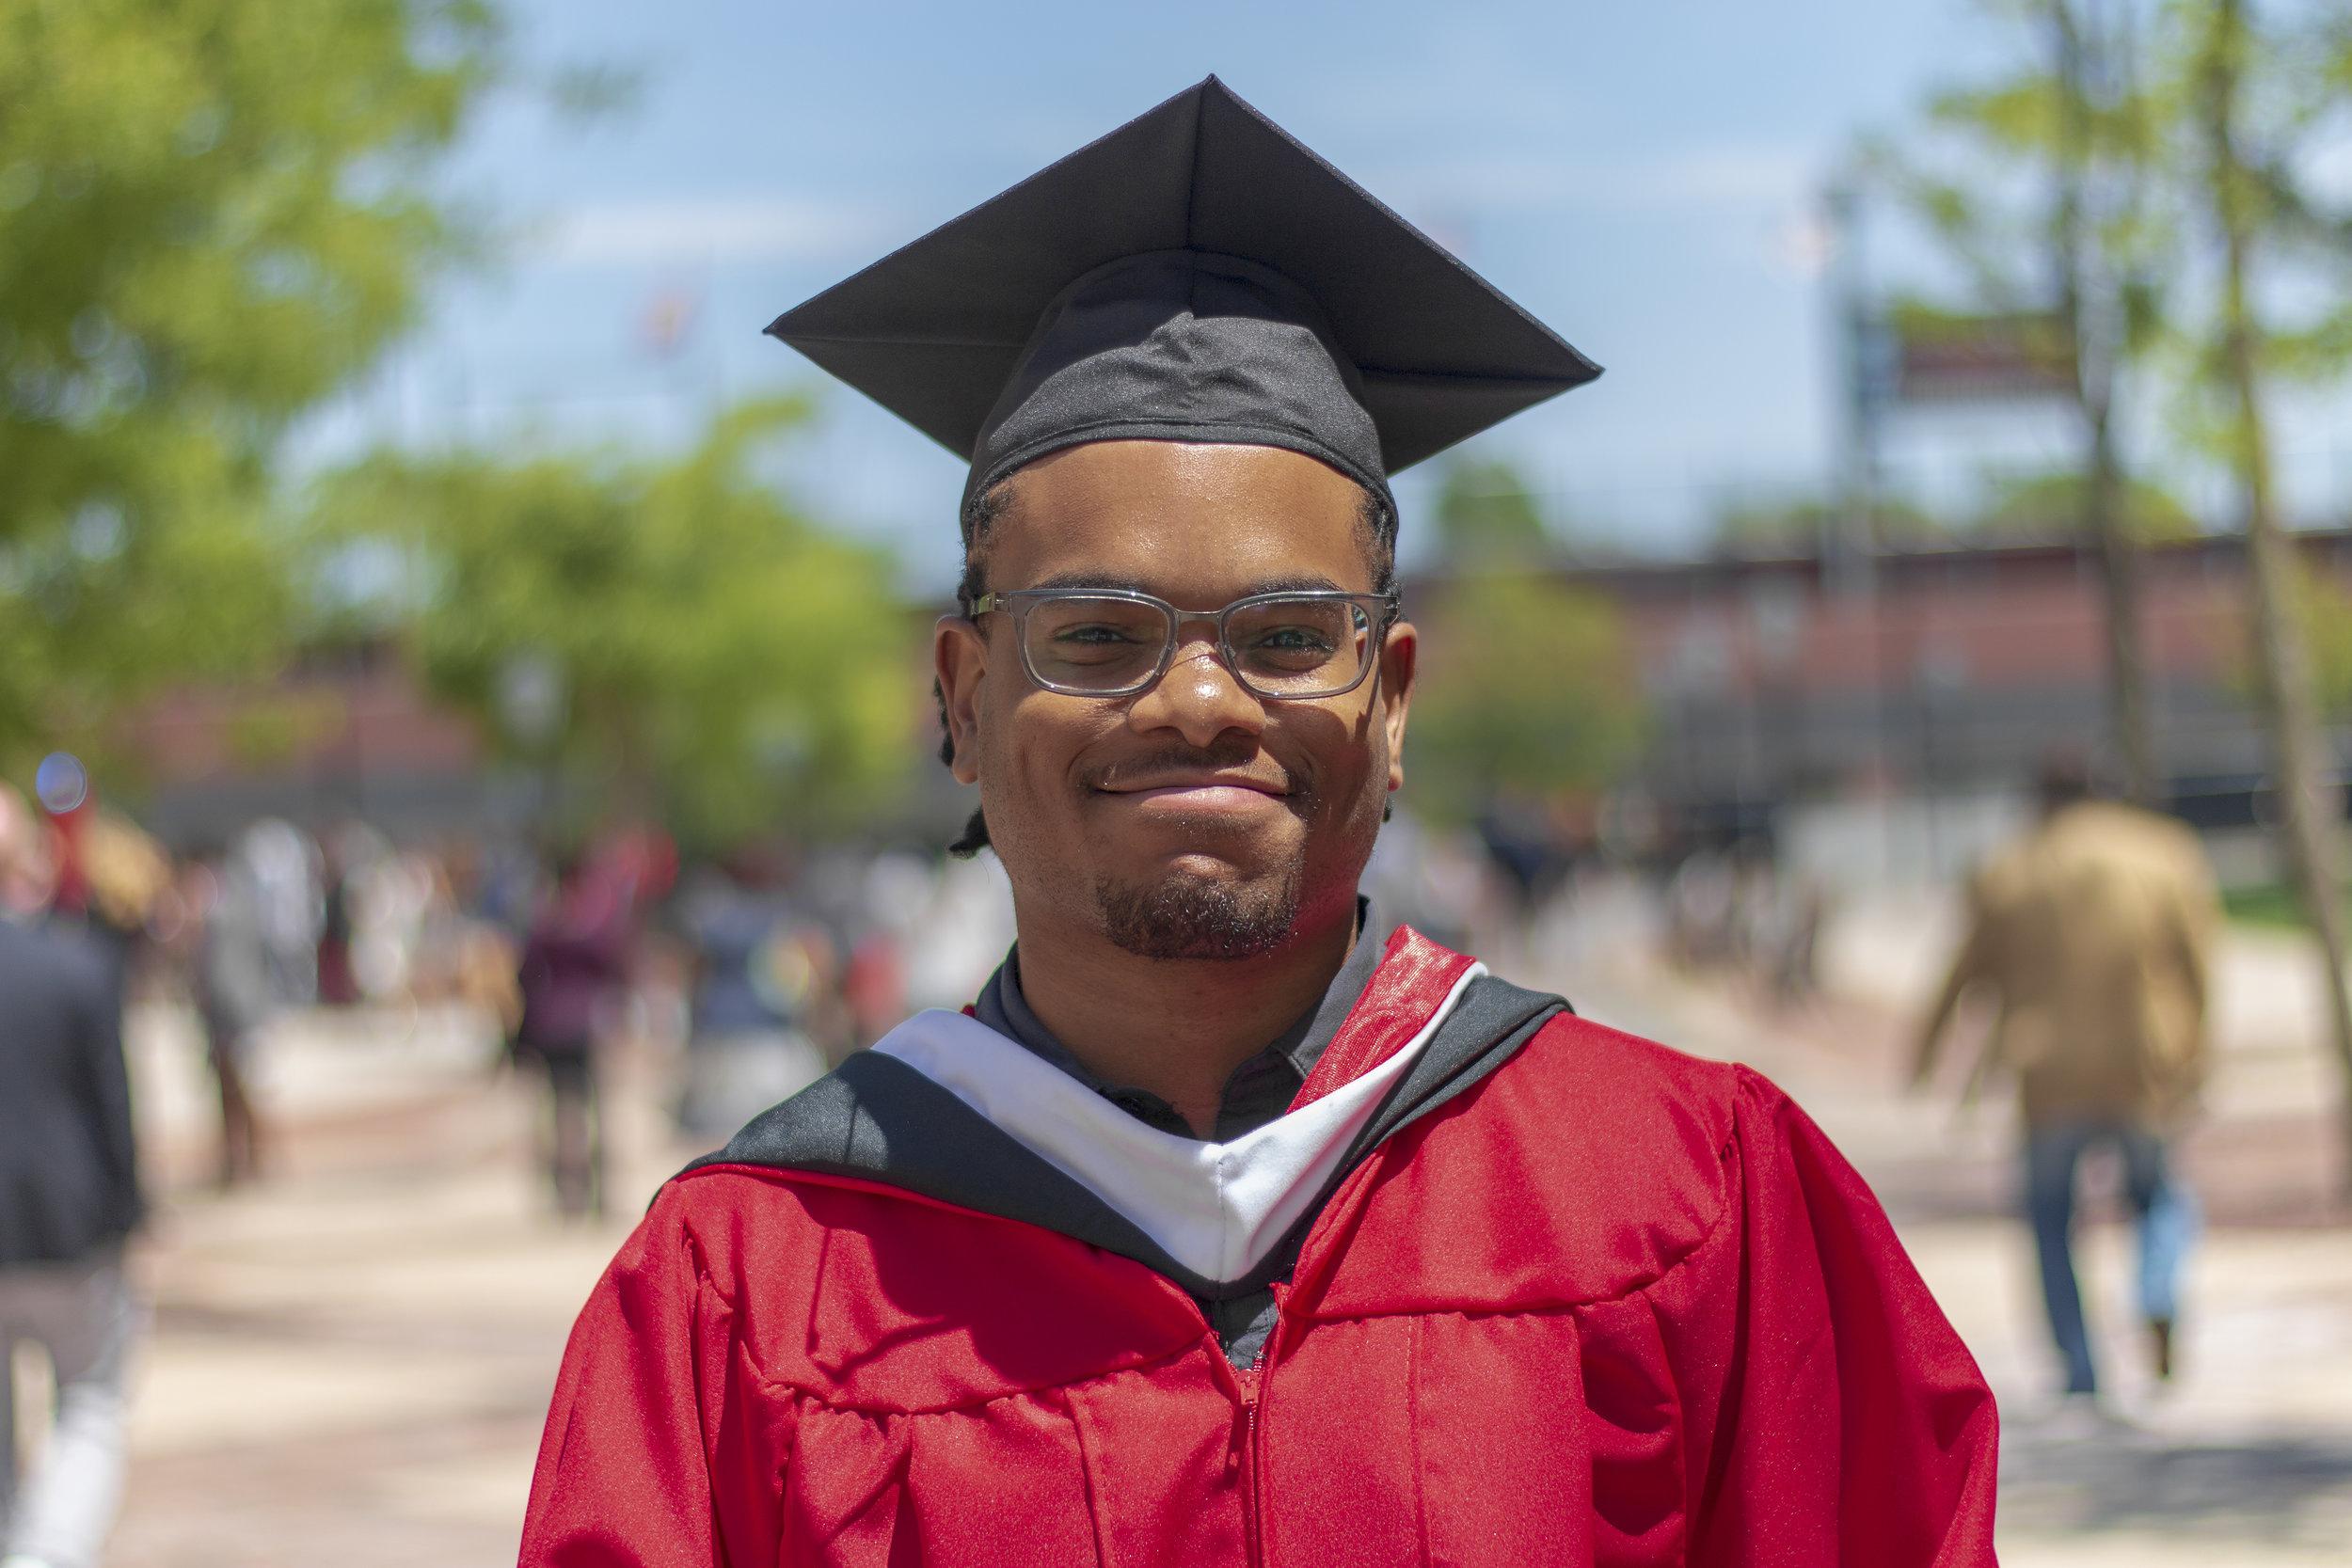 Dondre Graduation.jpg